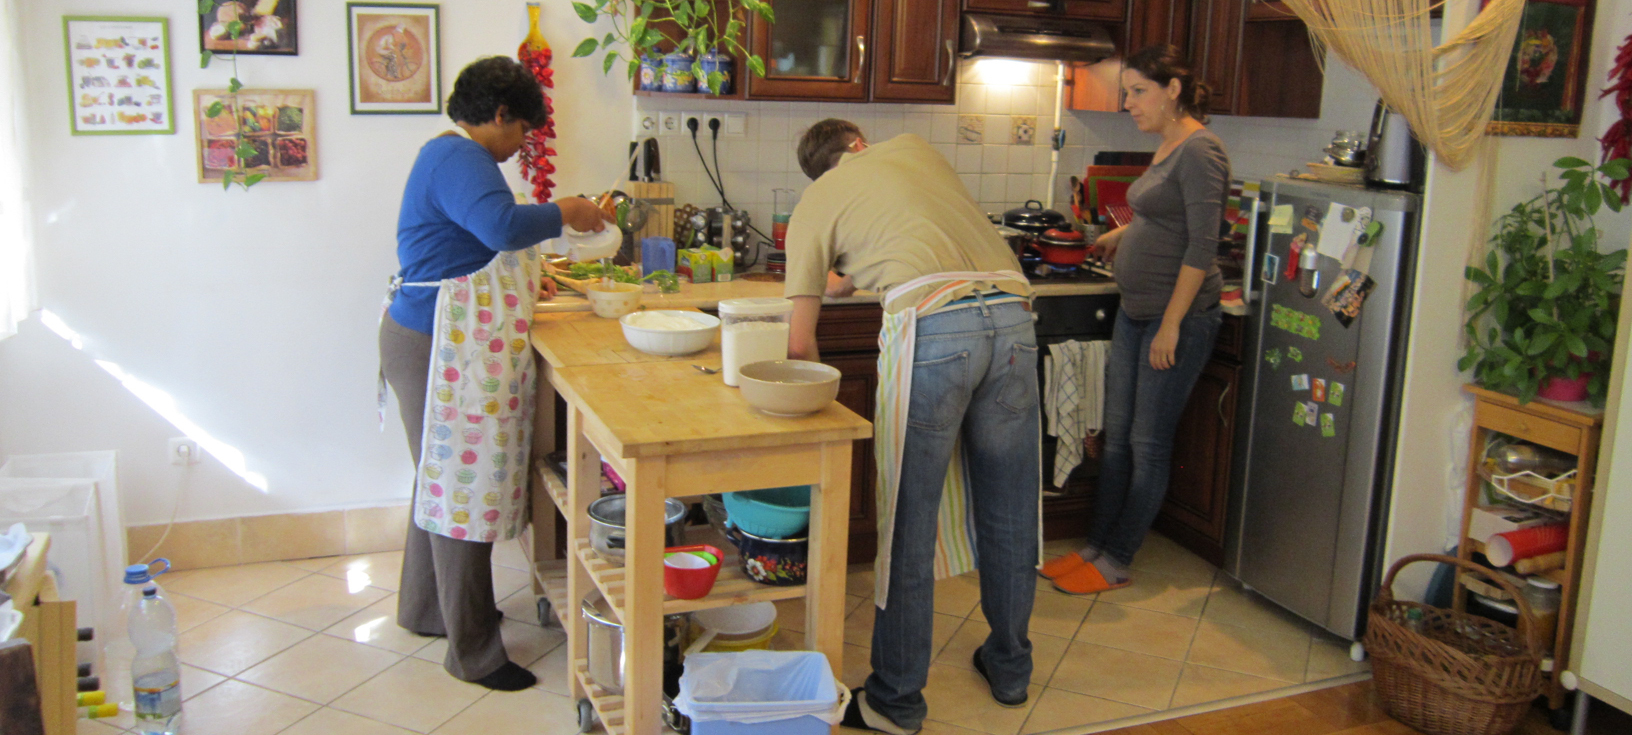 Culinary Hungary Classroom - photo by Glenn D. Kaufmann